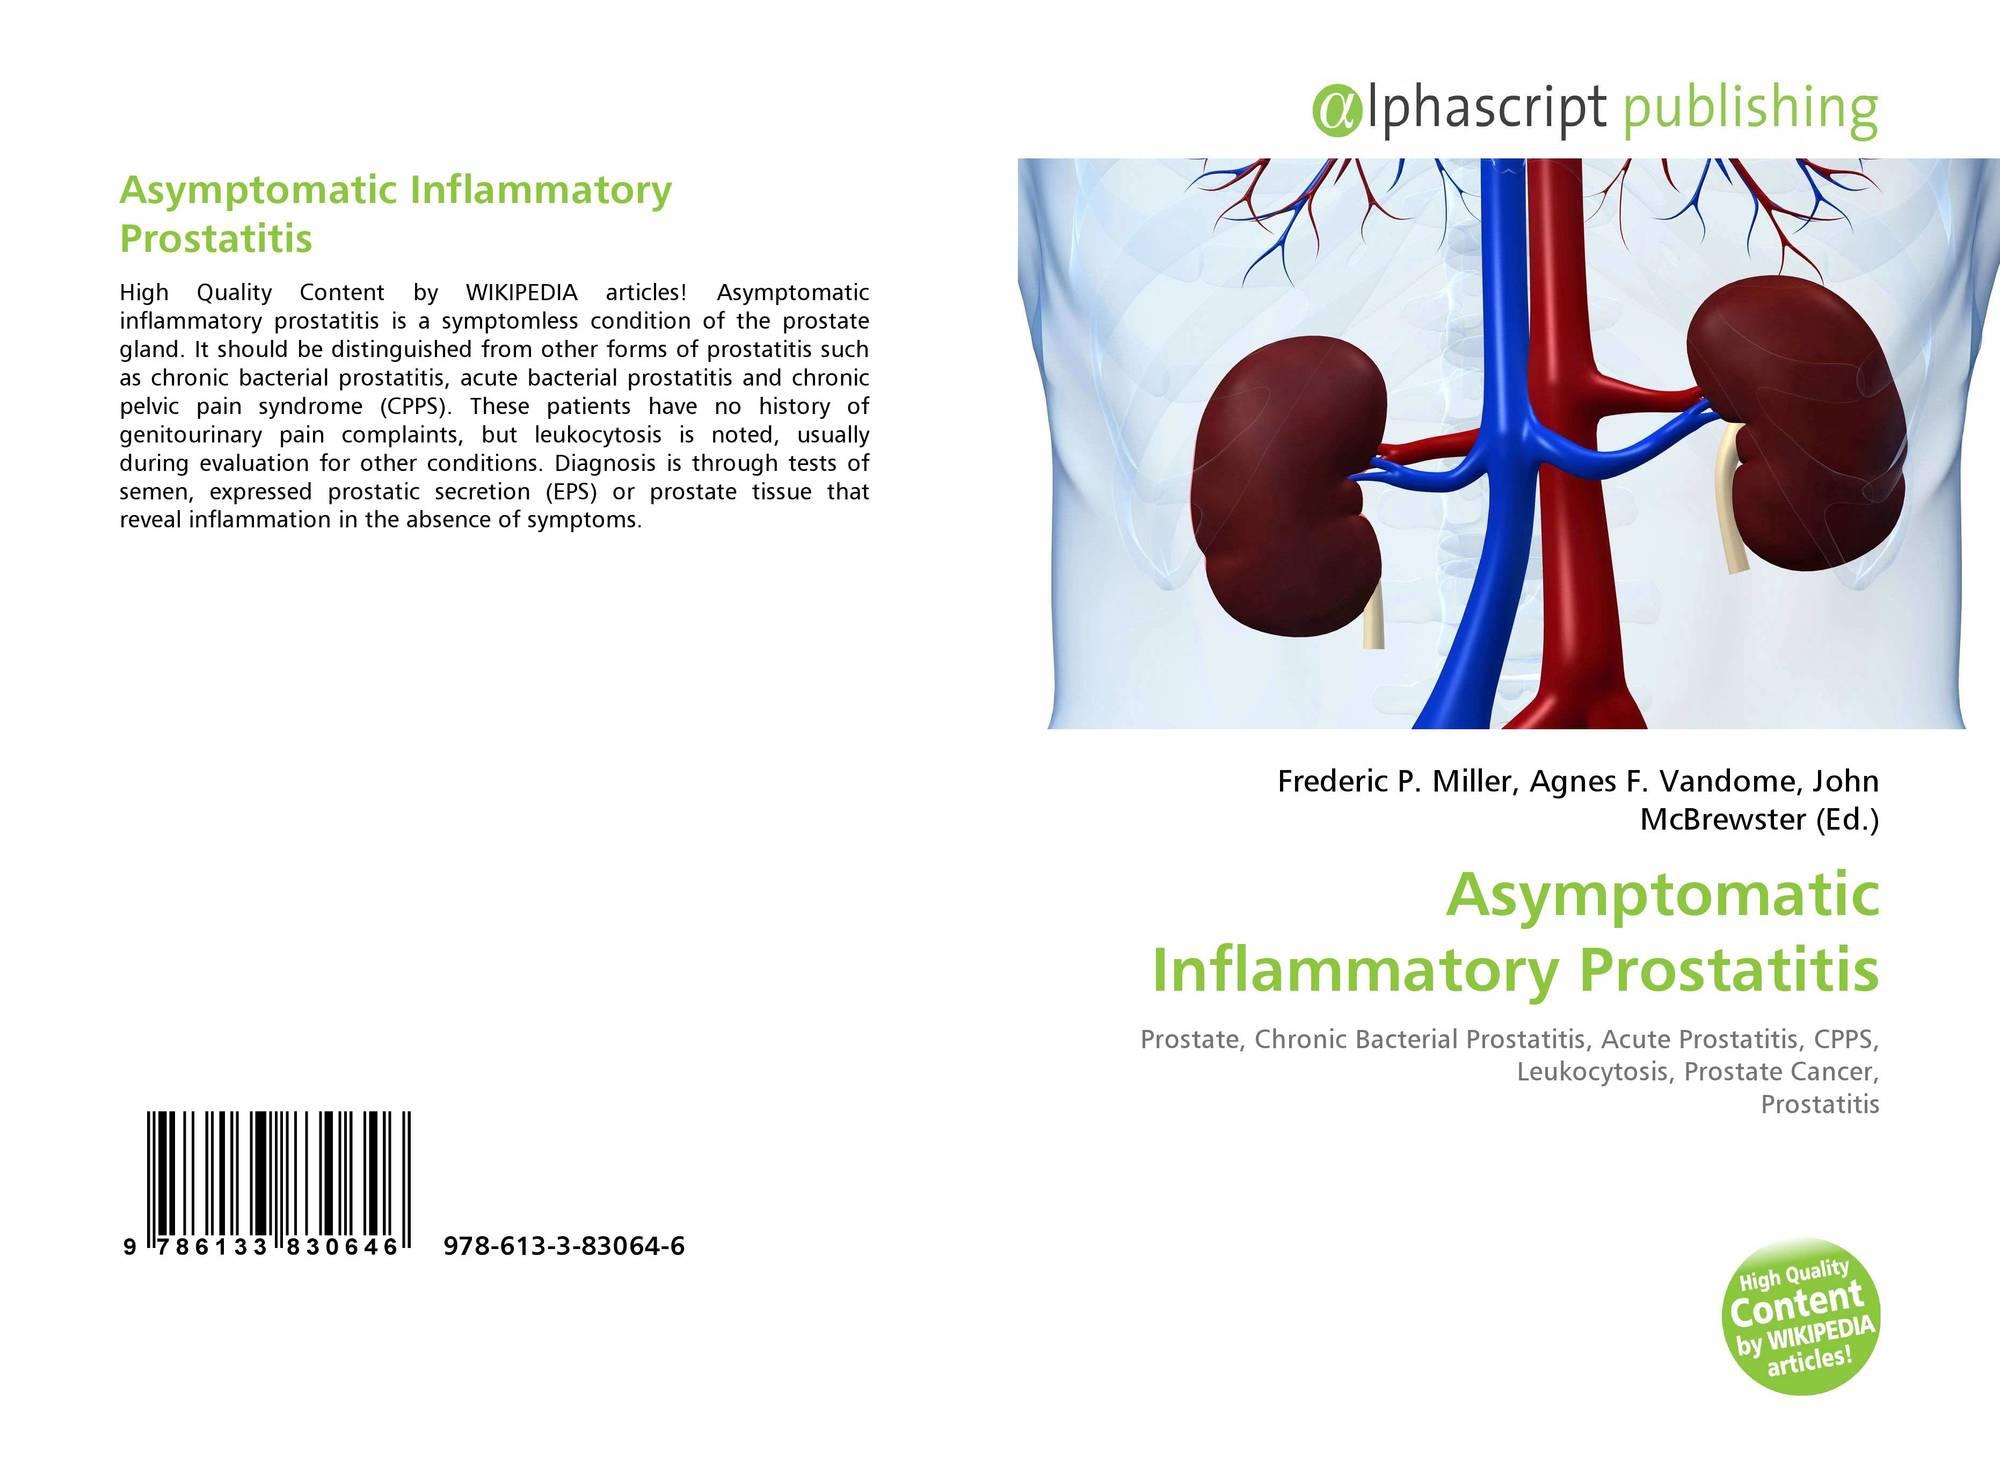 tipo de diabetes bacteriuria asintomática